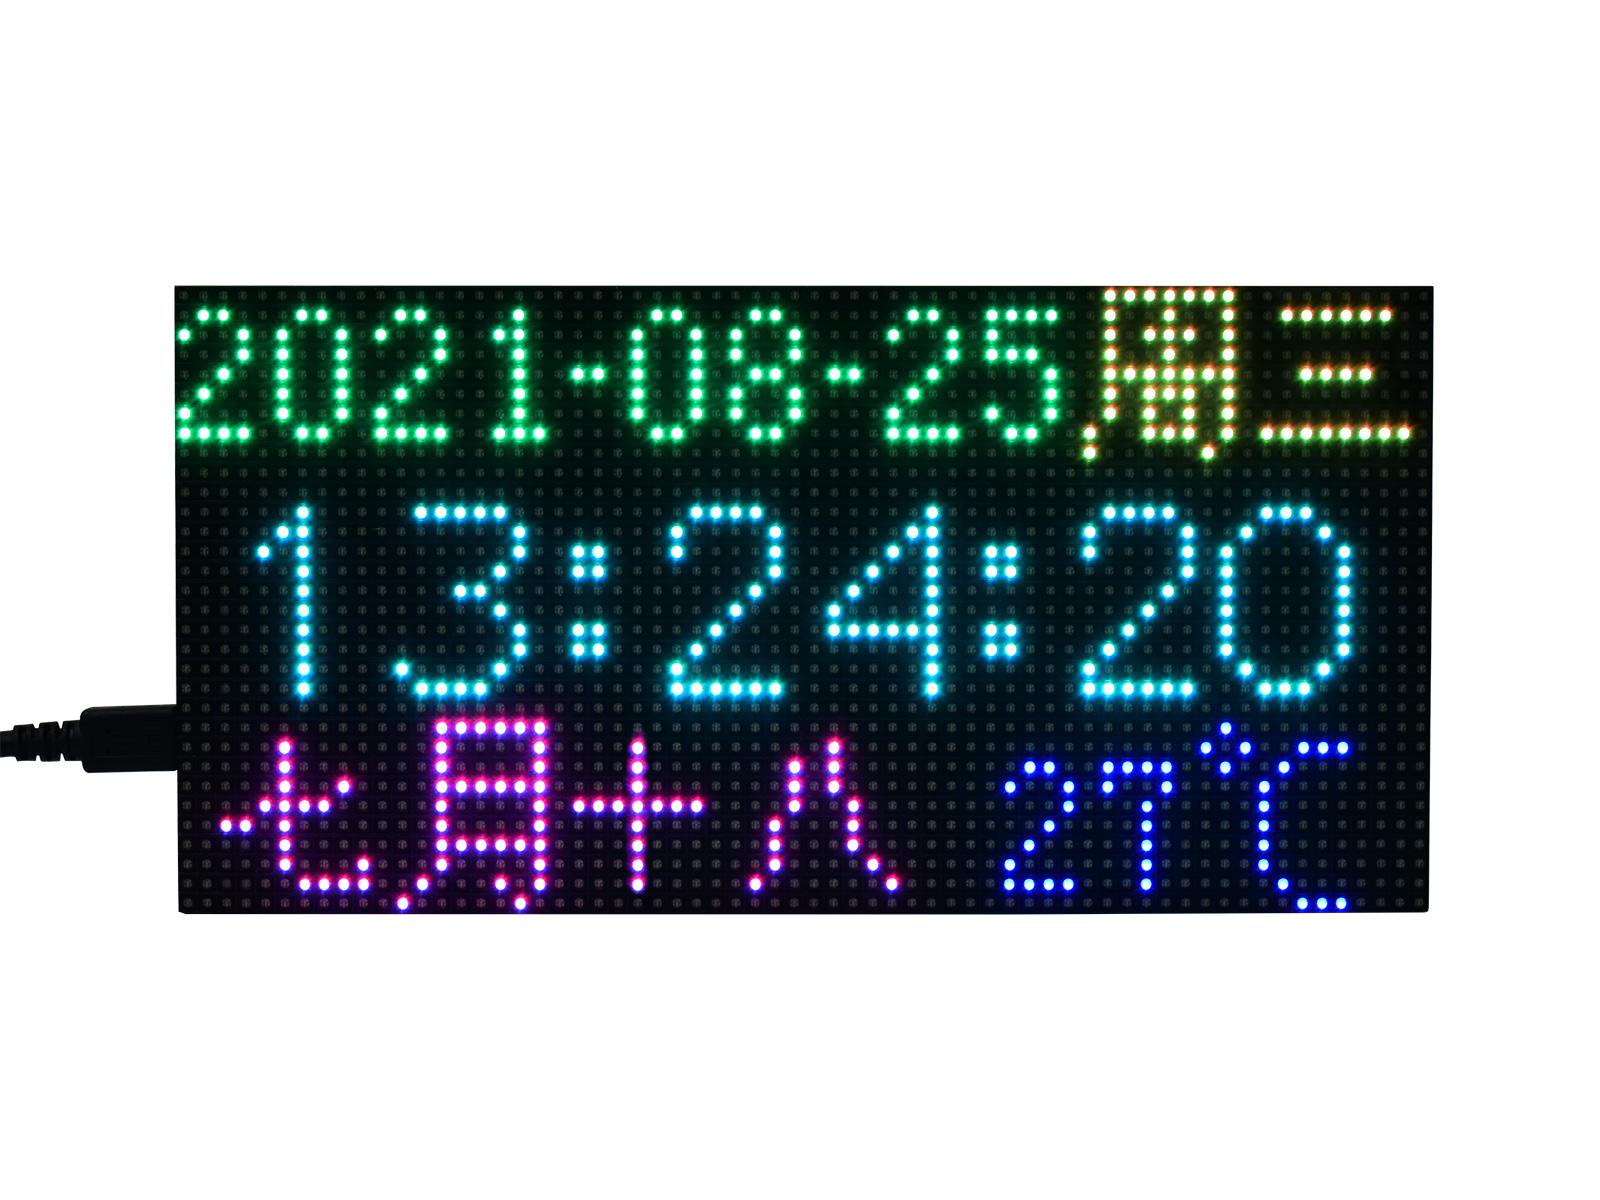 树莓派Pico RGB全彩多功能数字时钟 64×32点阵显示屏